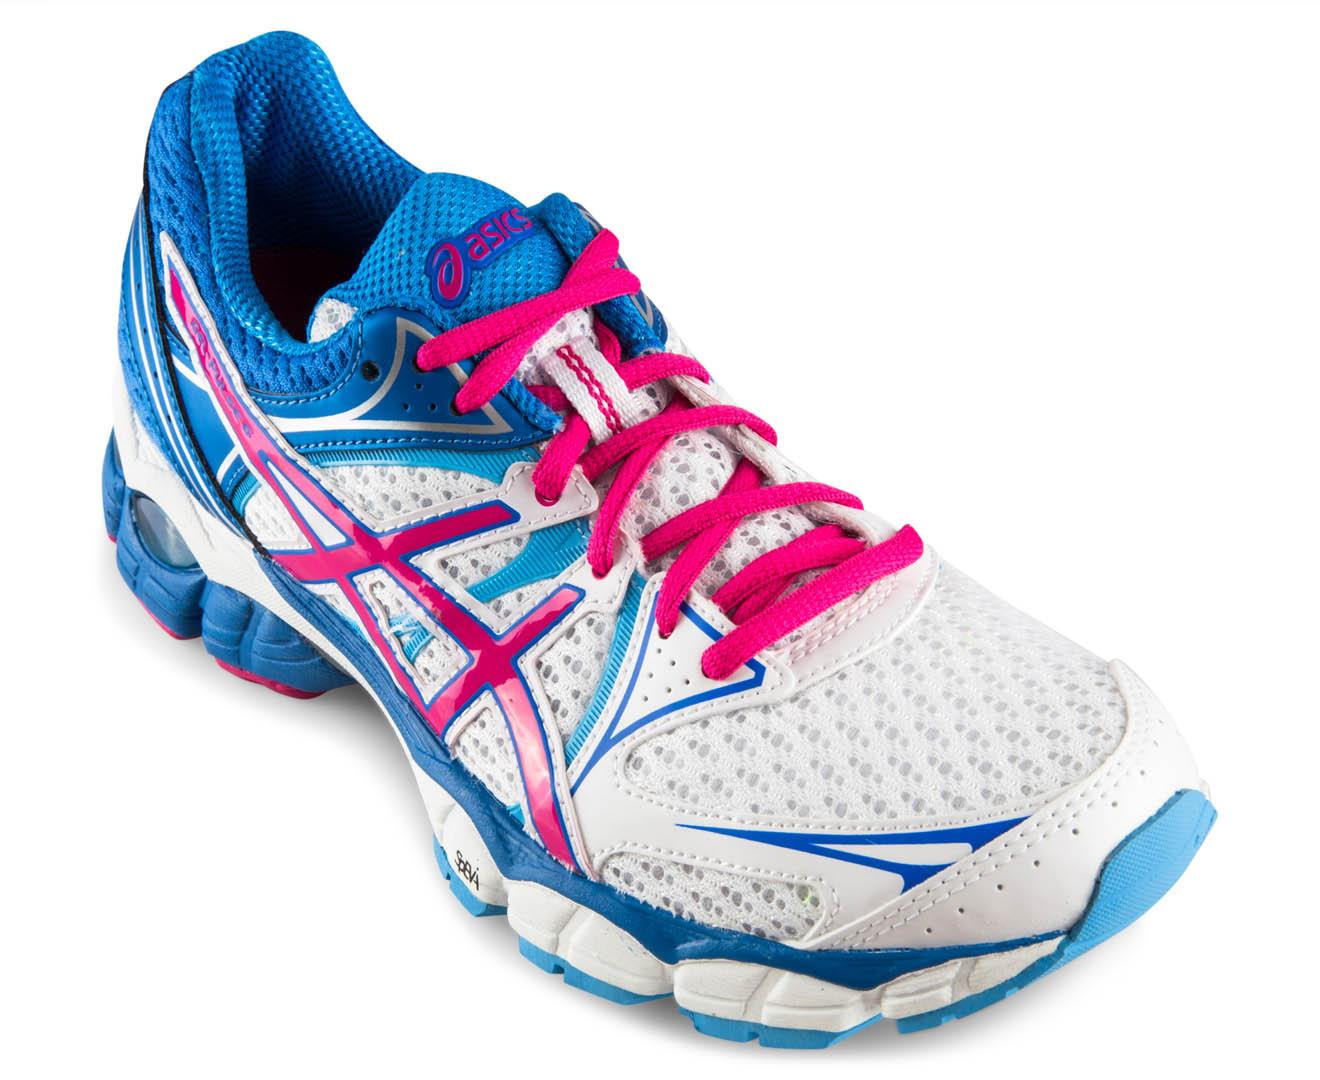 ASICS Women s GEL-Pulse 6 - White Pink Blue  a9275e417a22d